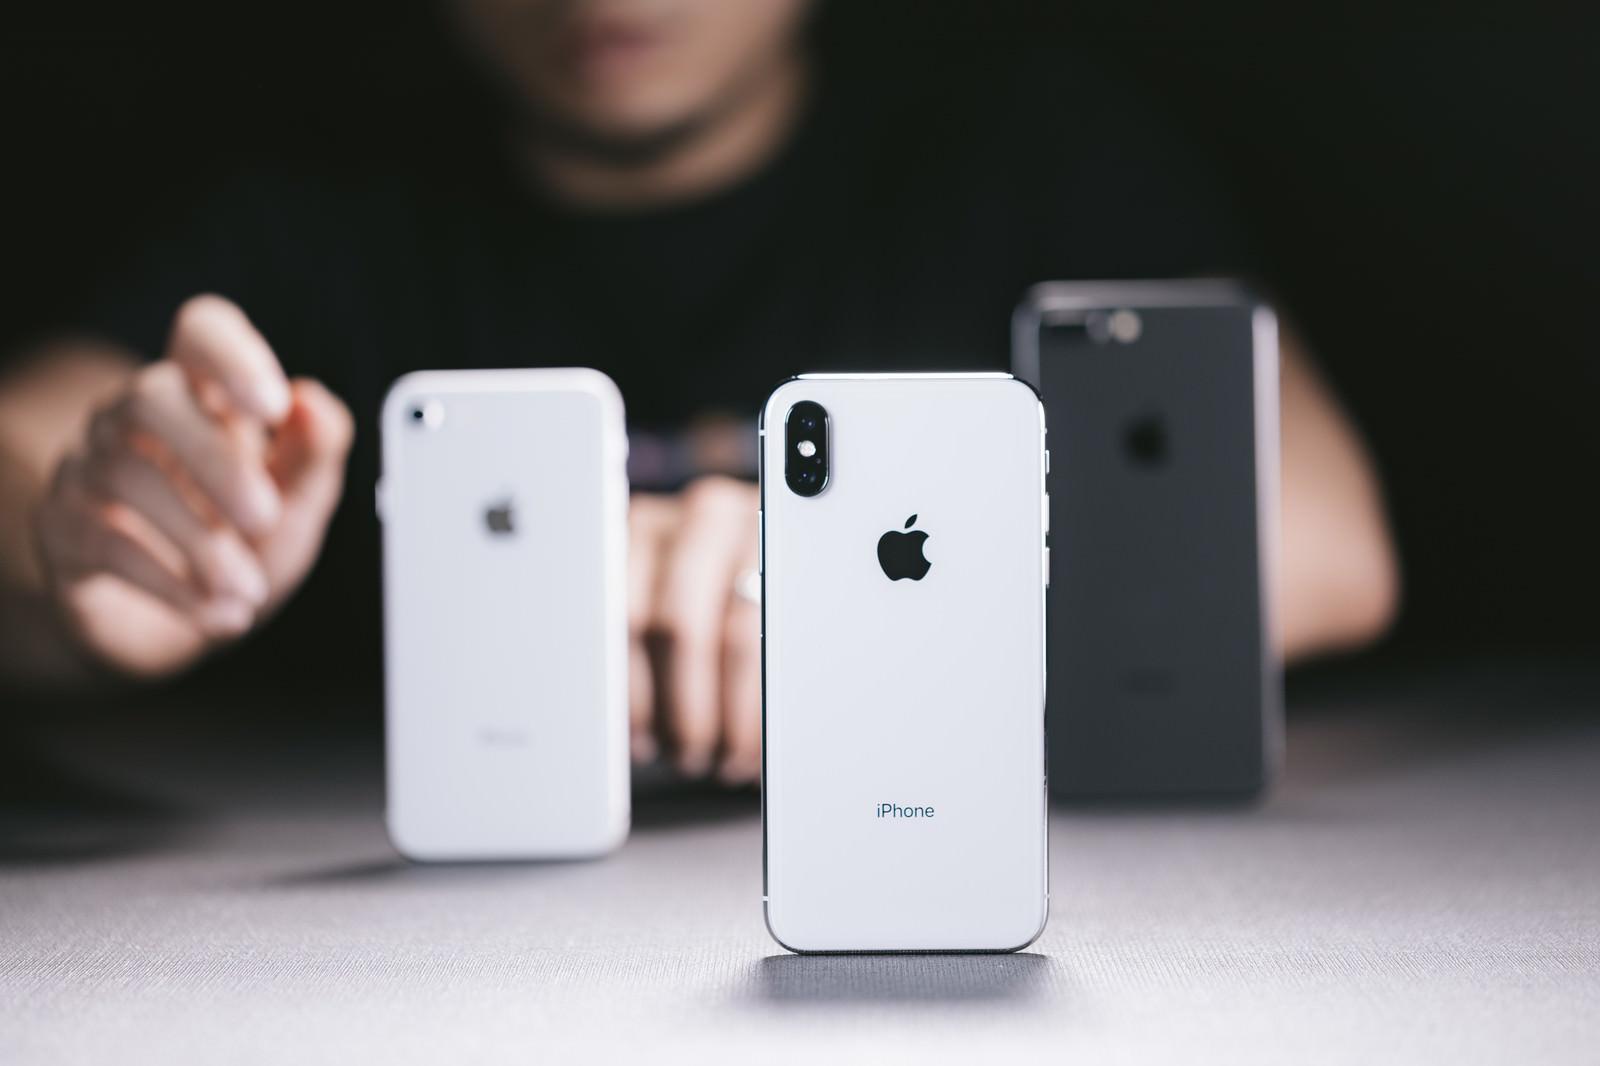 ãiPhone 8 / X / 8 Plus ã並ã¹ãç·æ§iPhone 8 / X / 8 Plus ã並ã¹ãç·æ§ãã®ããªã¼åçç´æãæ¡å¤§